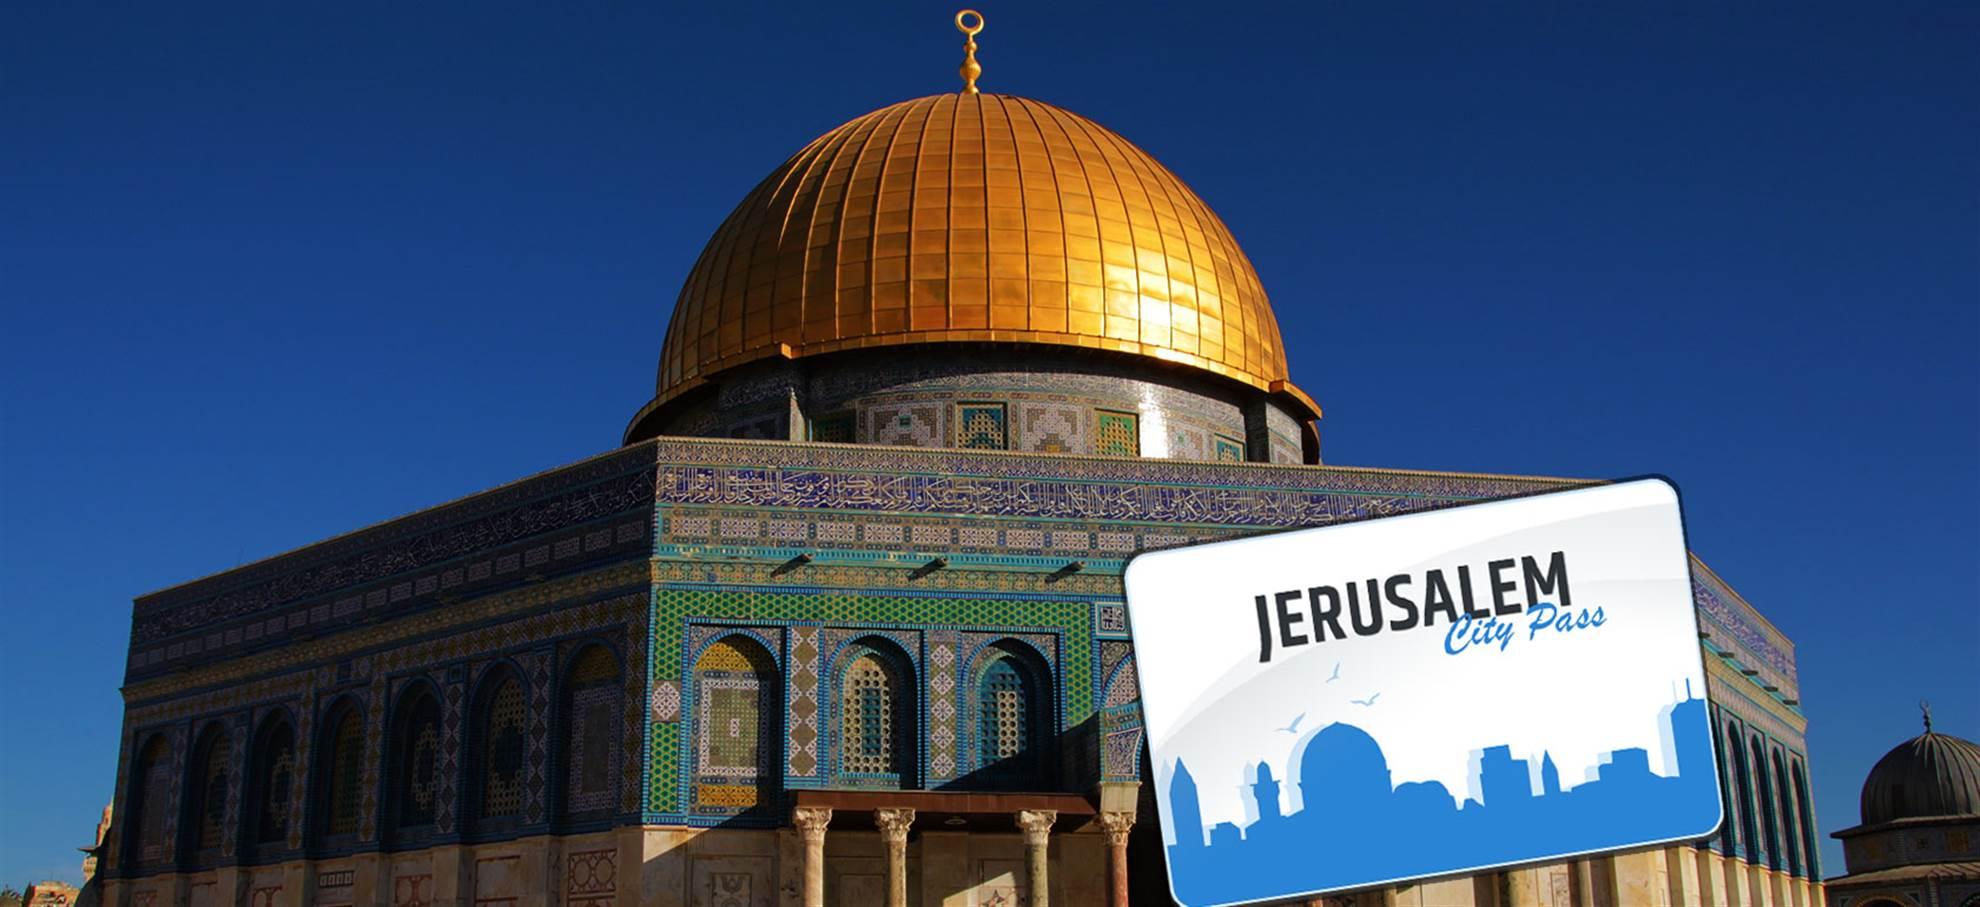 JERUZALEM CITY PASS